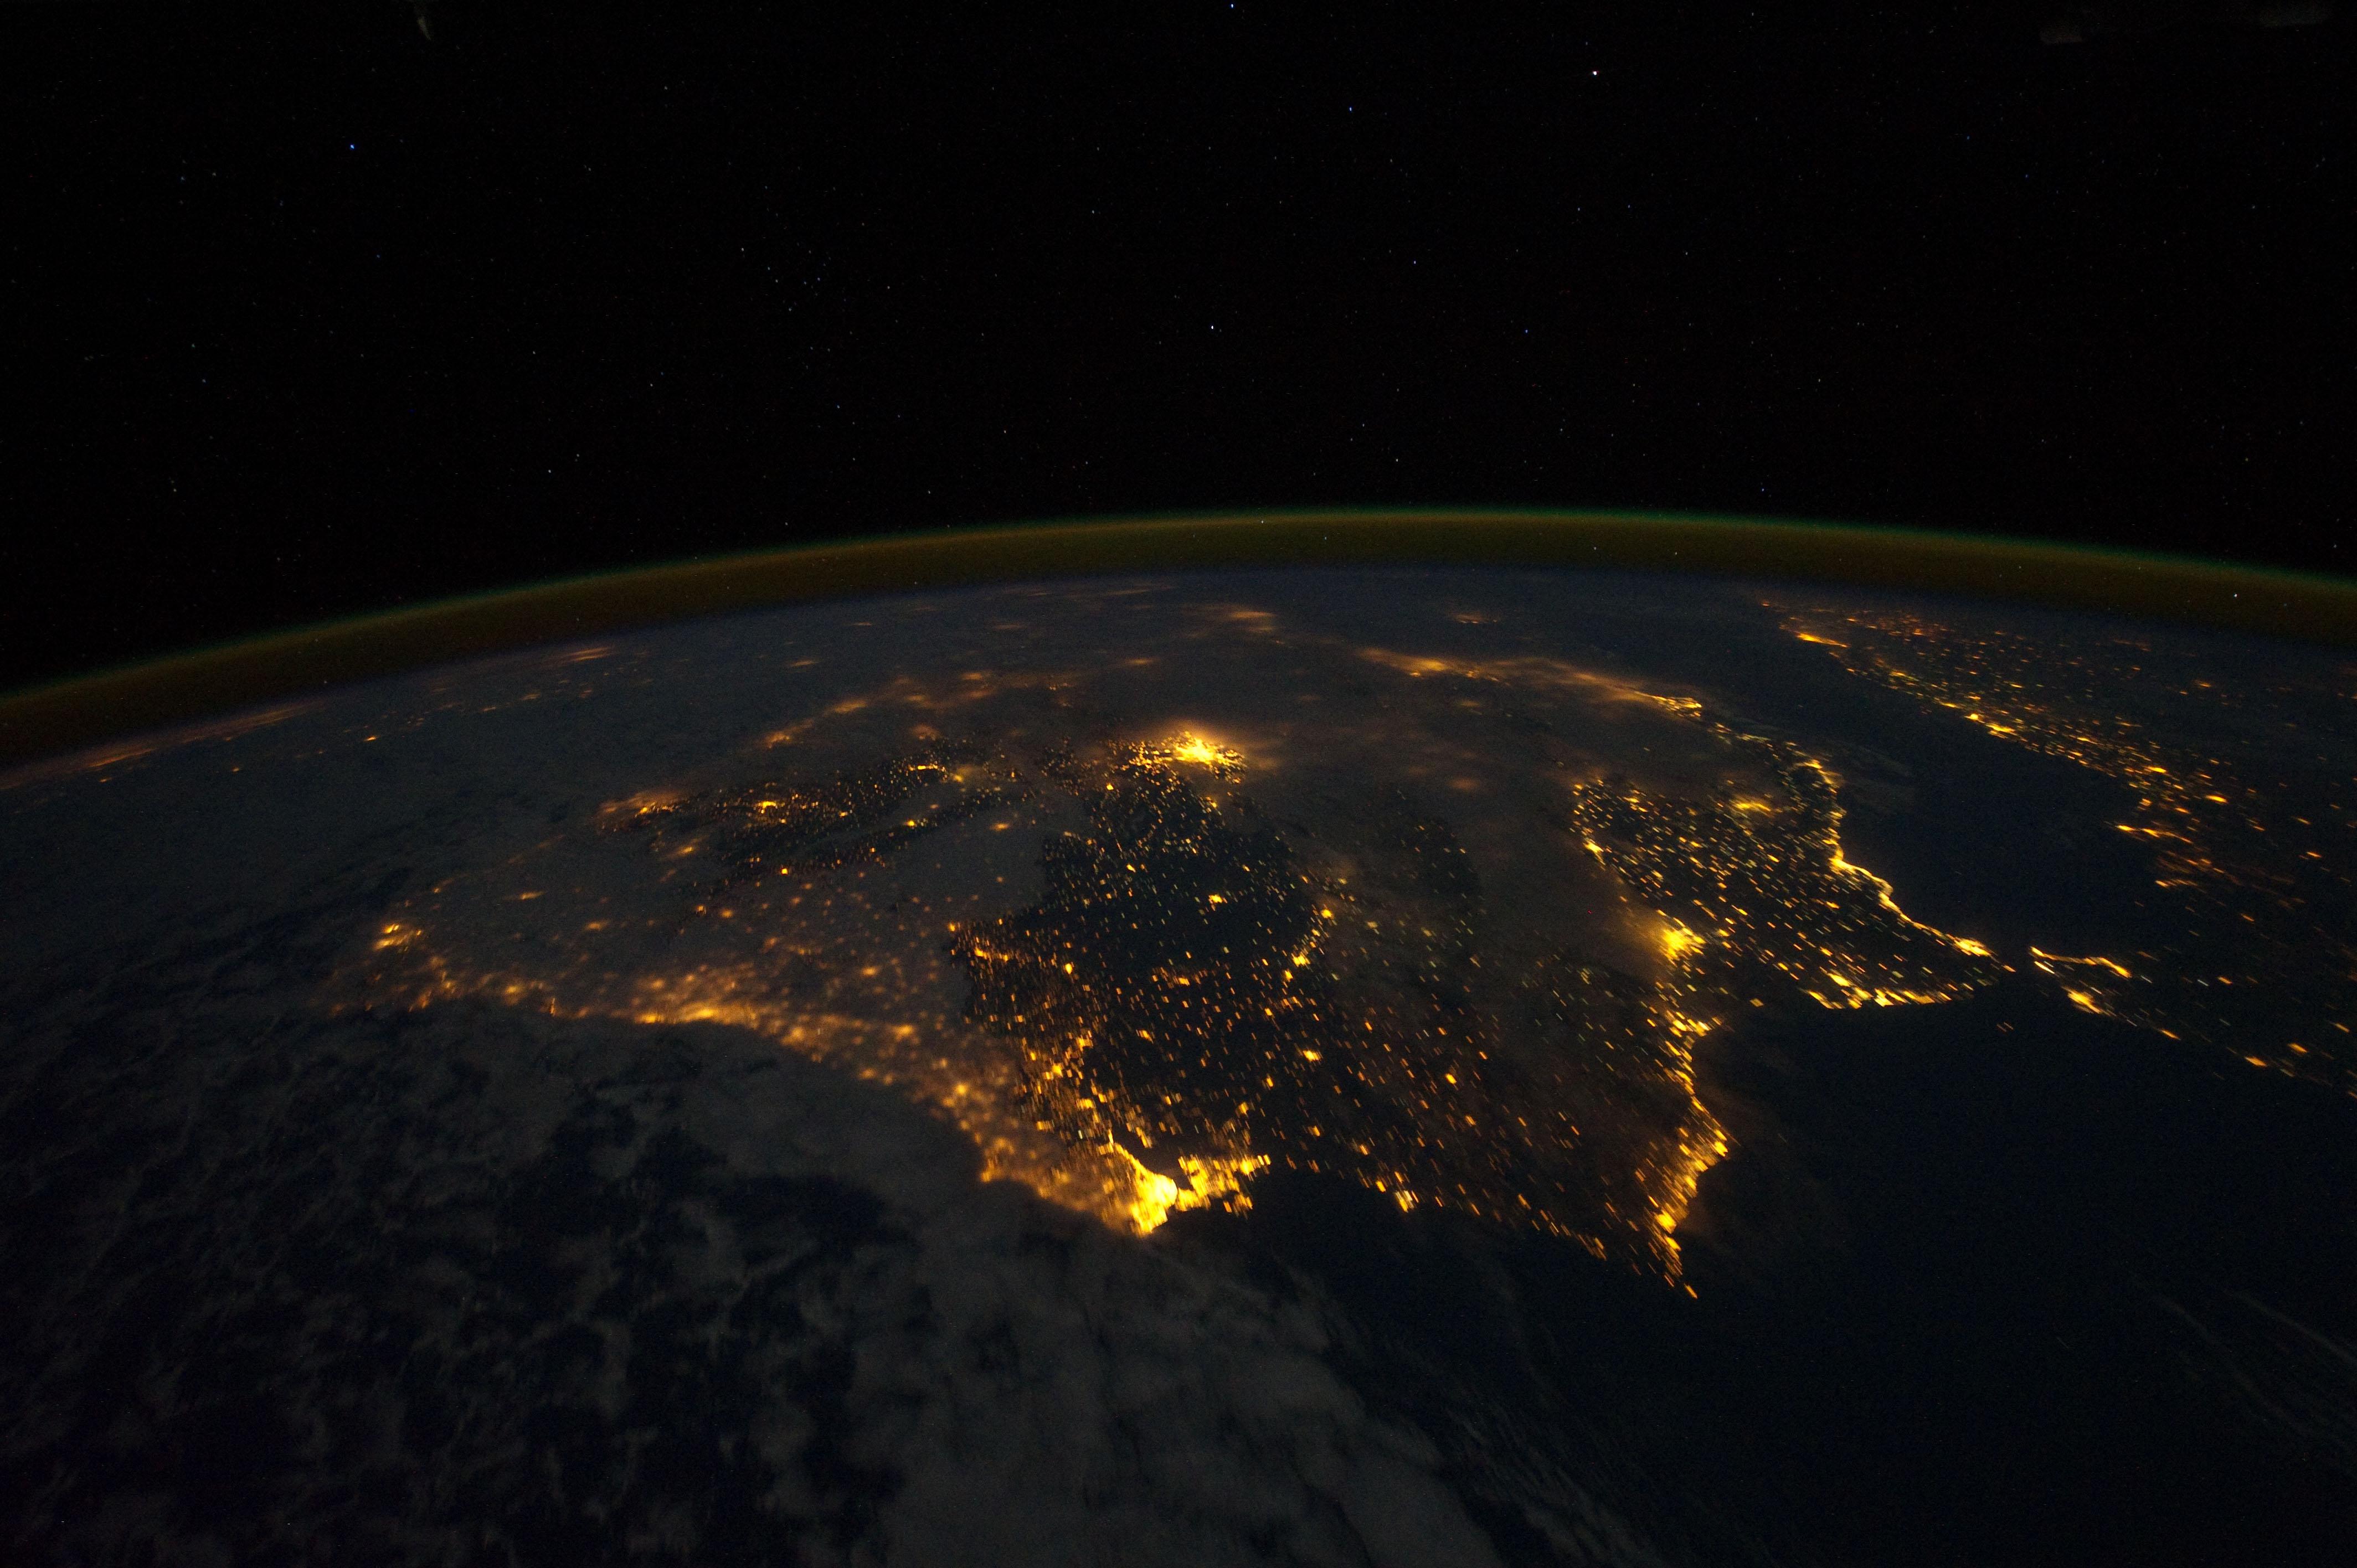 nasa earth night lights hawaii - photo #31